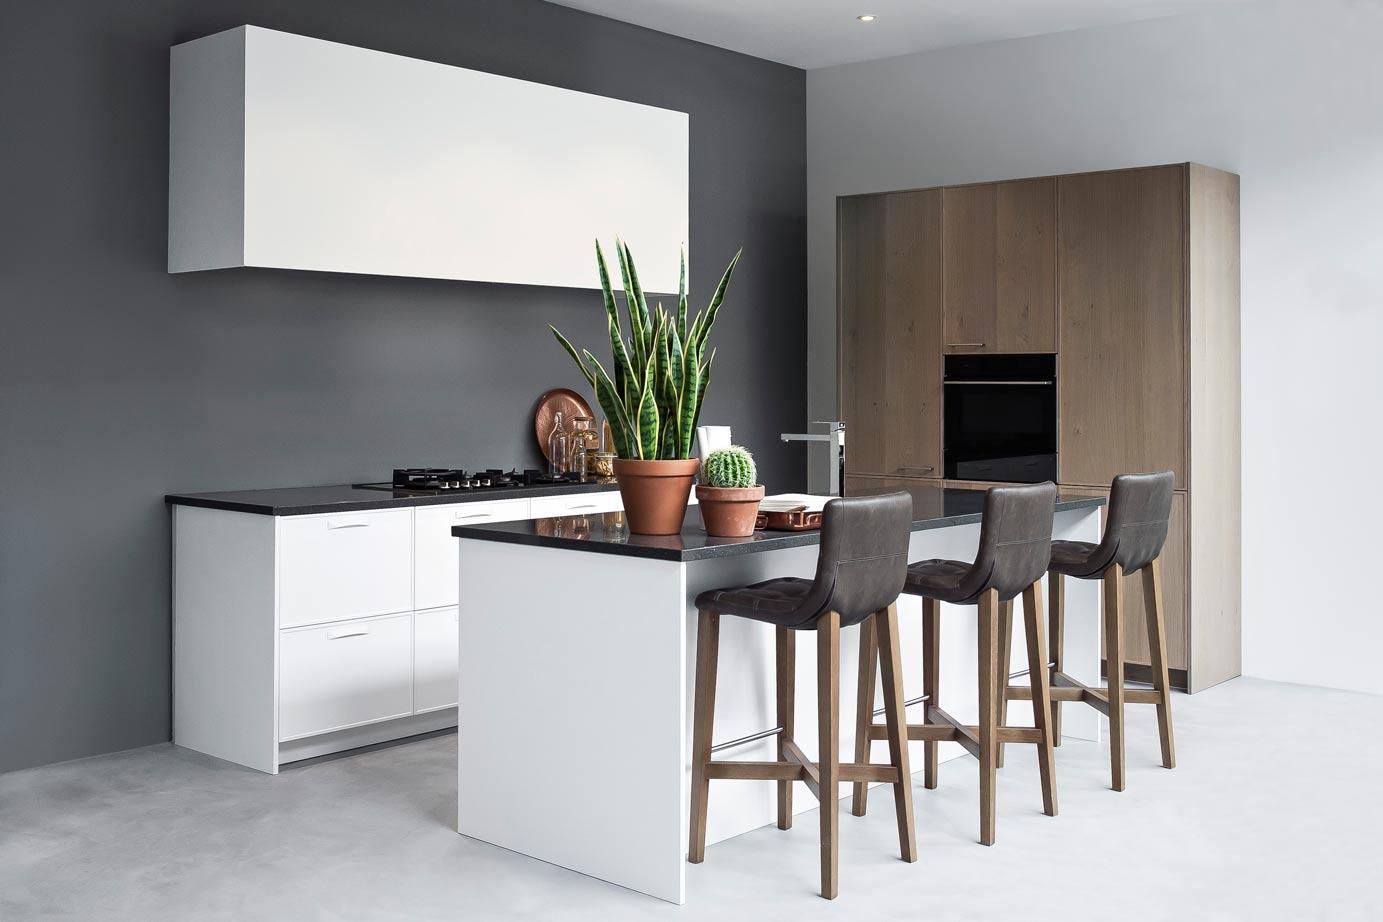 Luxe Keukenmerken : Witte keukens: laat u informeren en inspireren, m?t vele voorbeelden